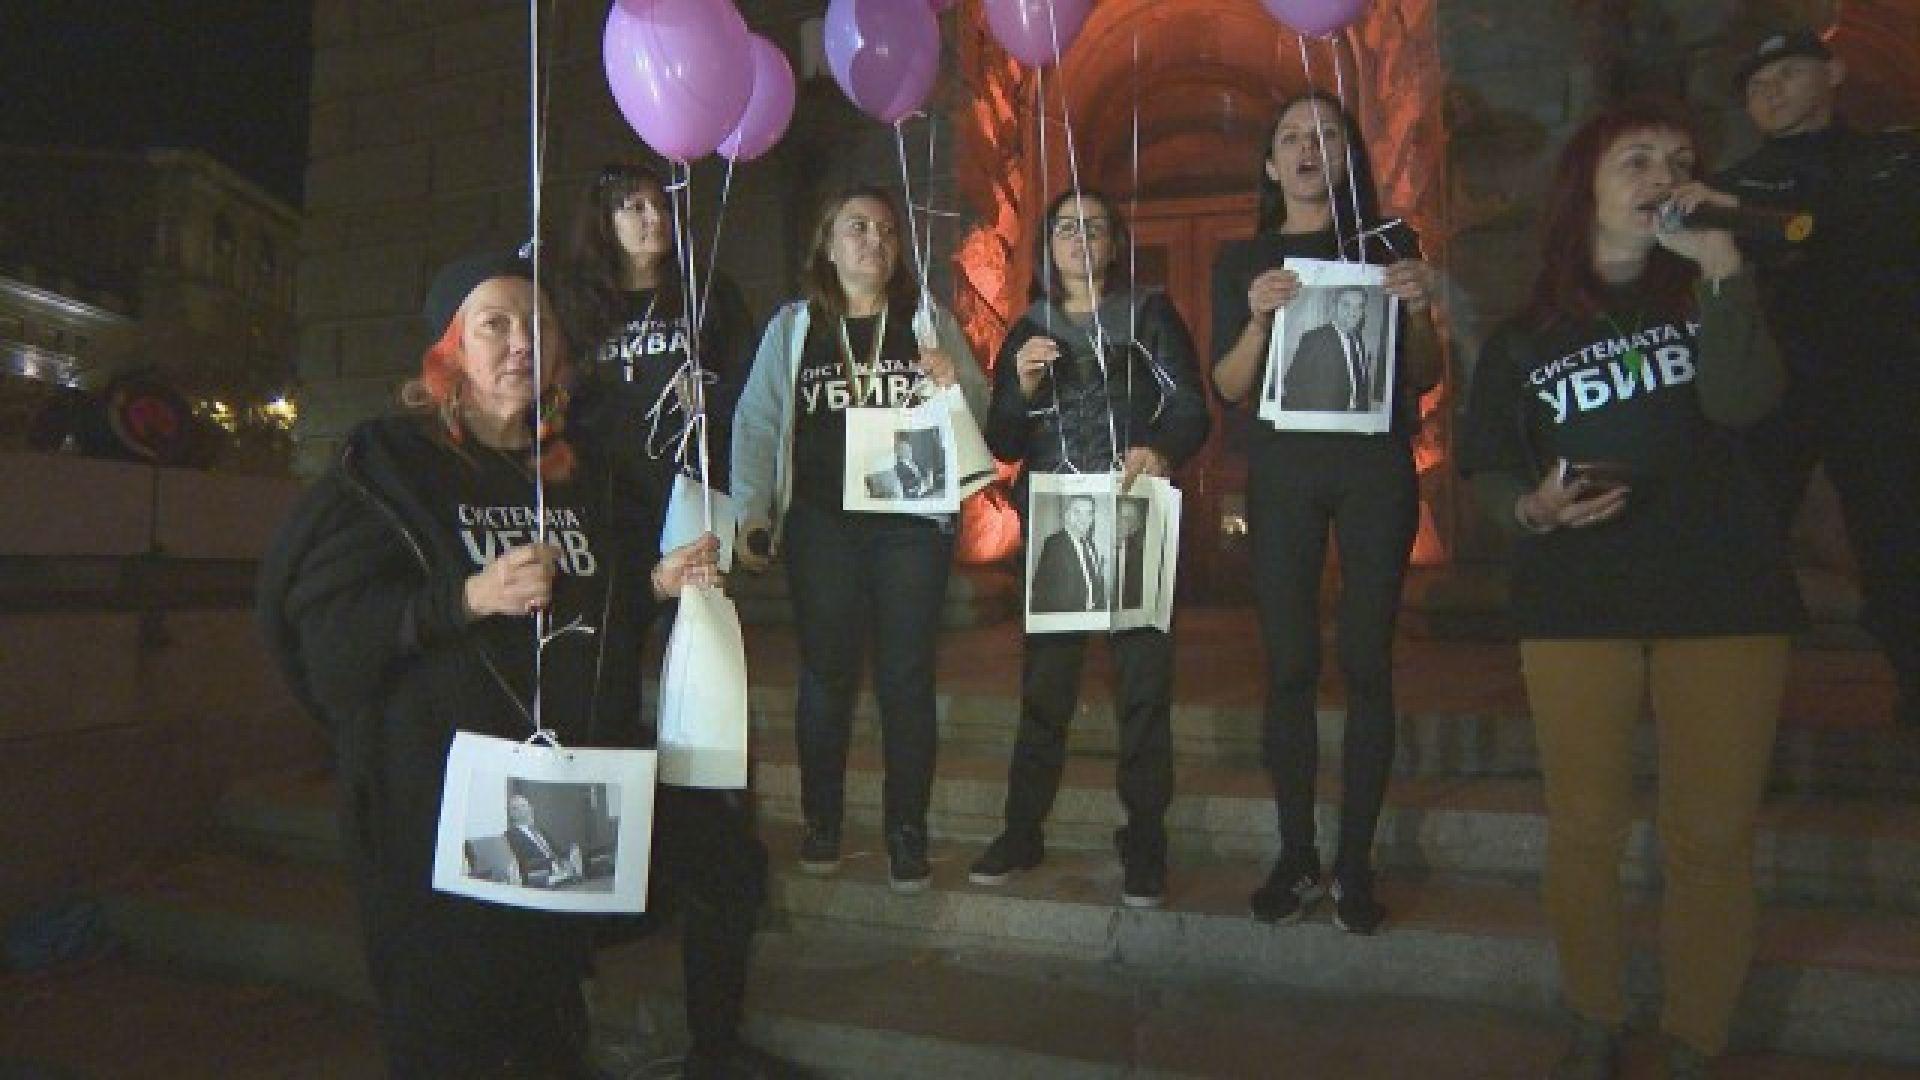 12-и ден протести: Полетяха 12 розови балона с лика на Симеонов